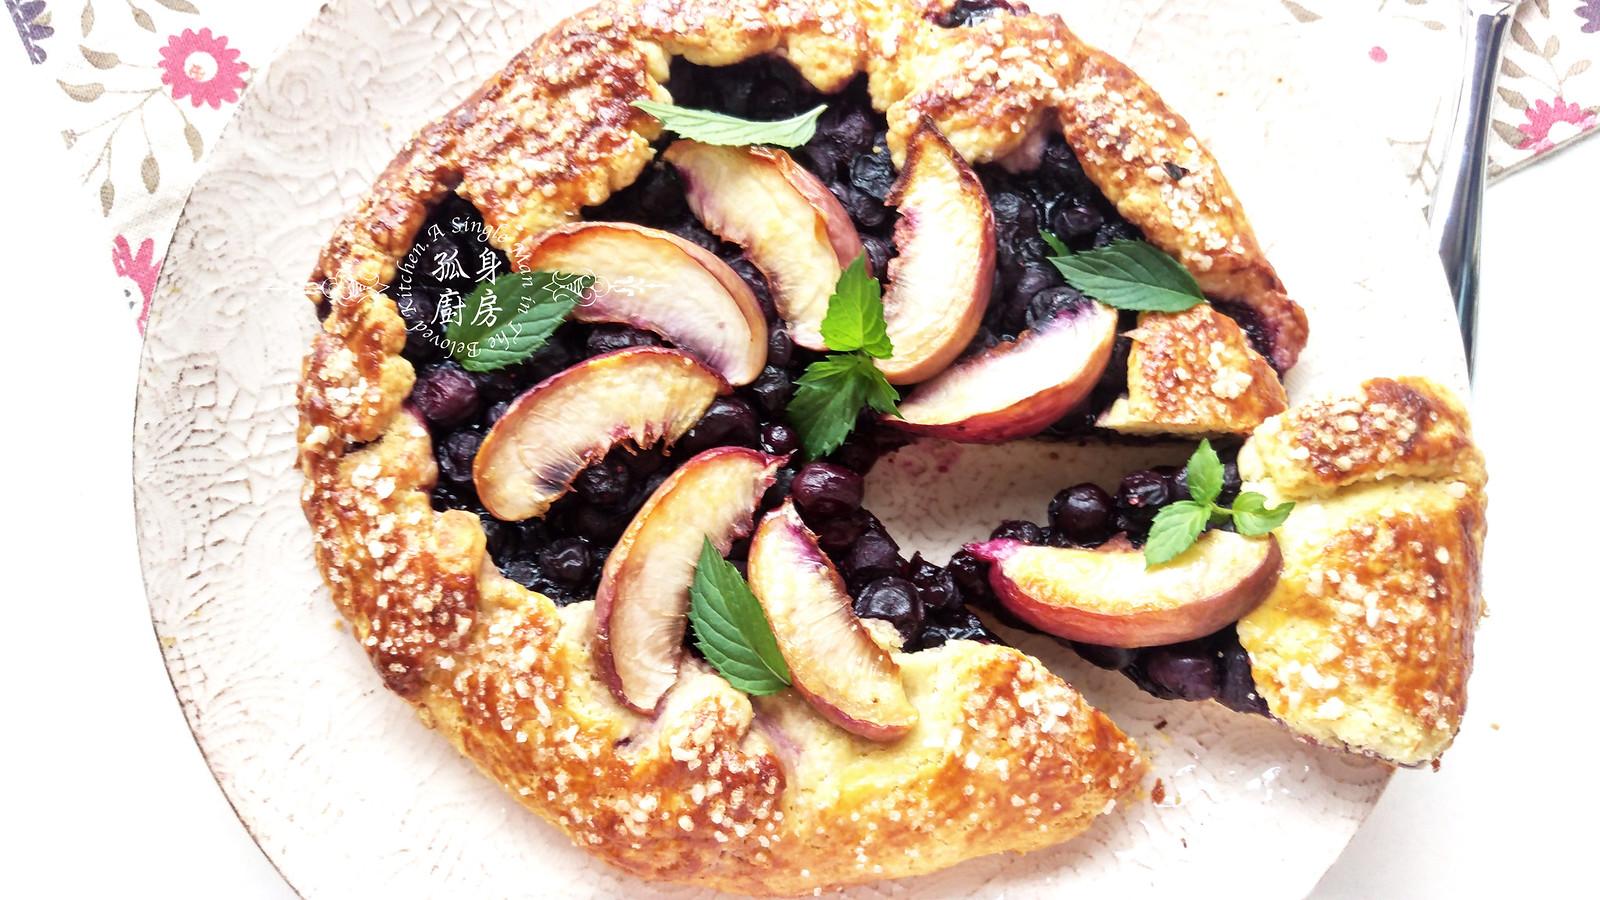 孤身廚房-藍莓甜桃法式烘餅Blueberry-Nectarin Galette33